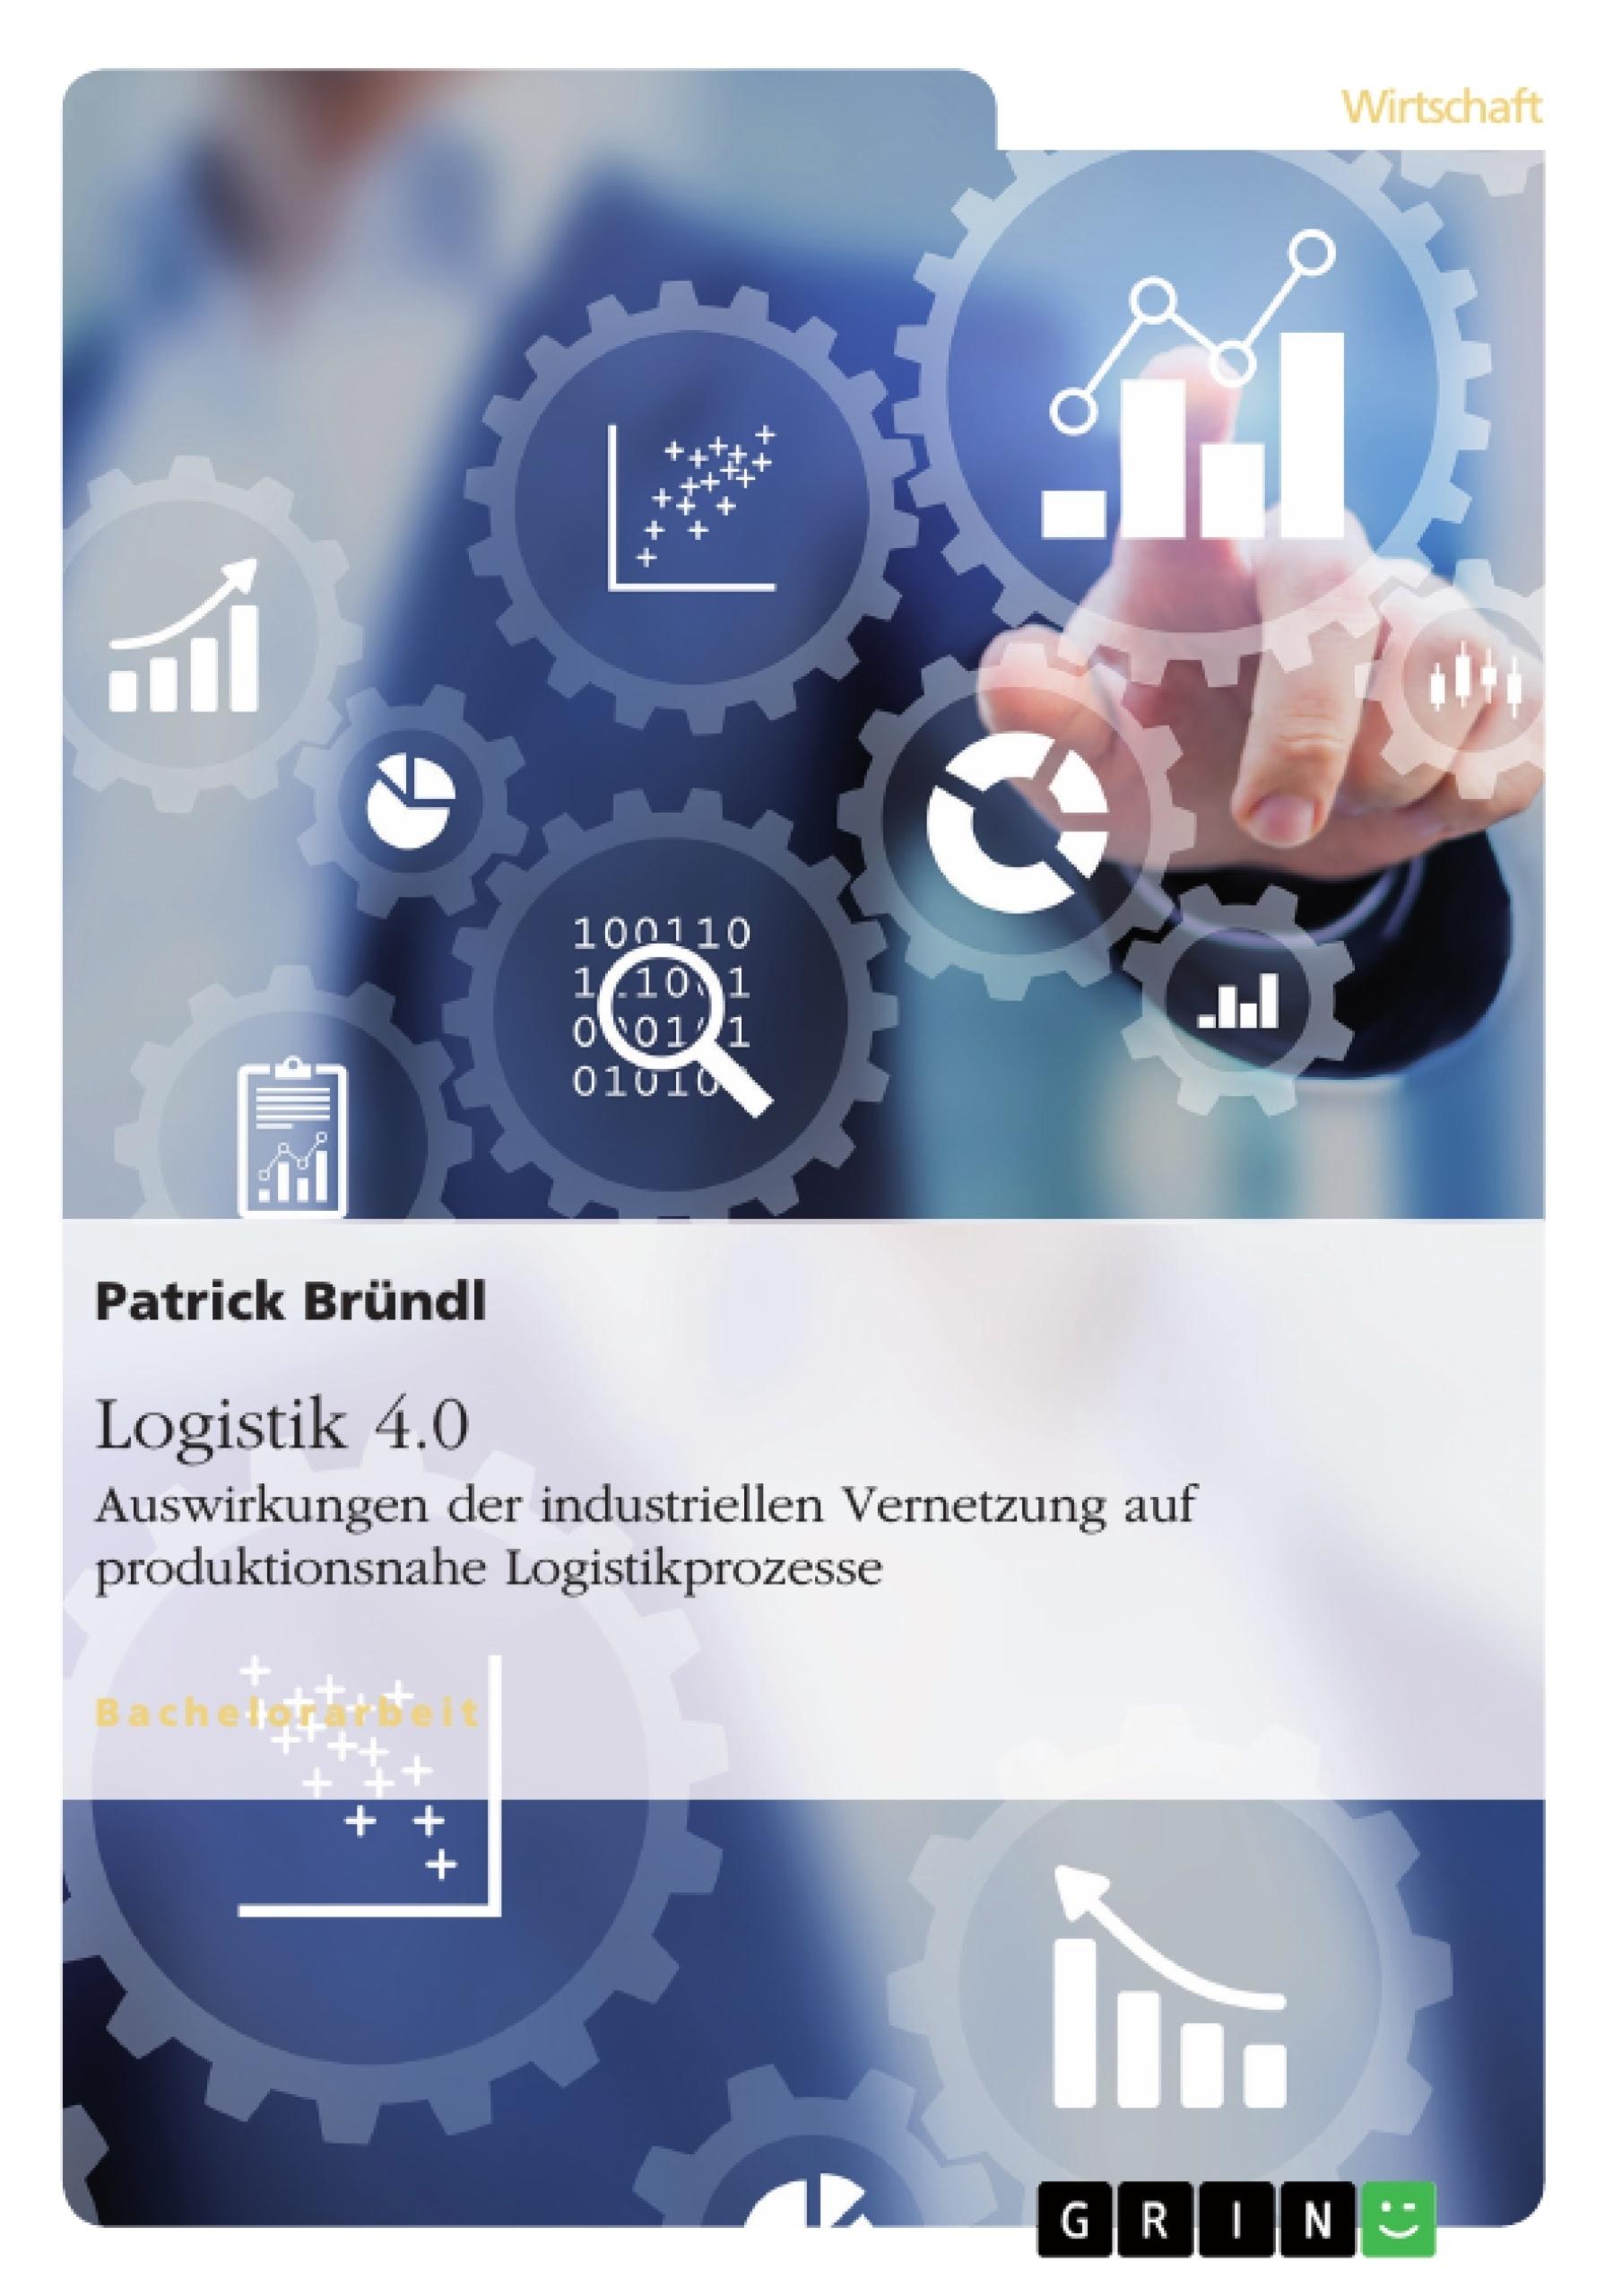 Titel: Logistik 4.0. Auswirkungen der industriellen Vernetzung auf produktionsnahe Logistikprozesse